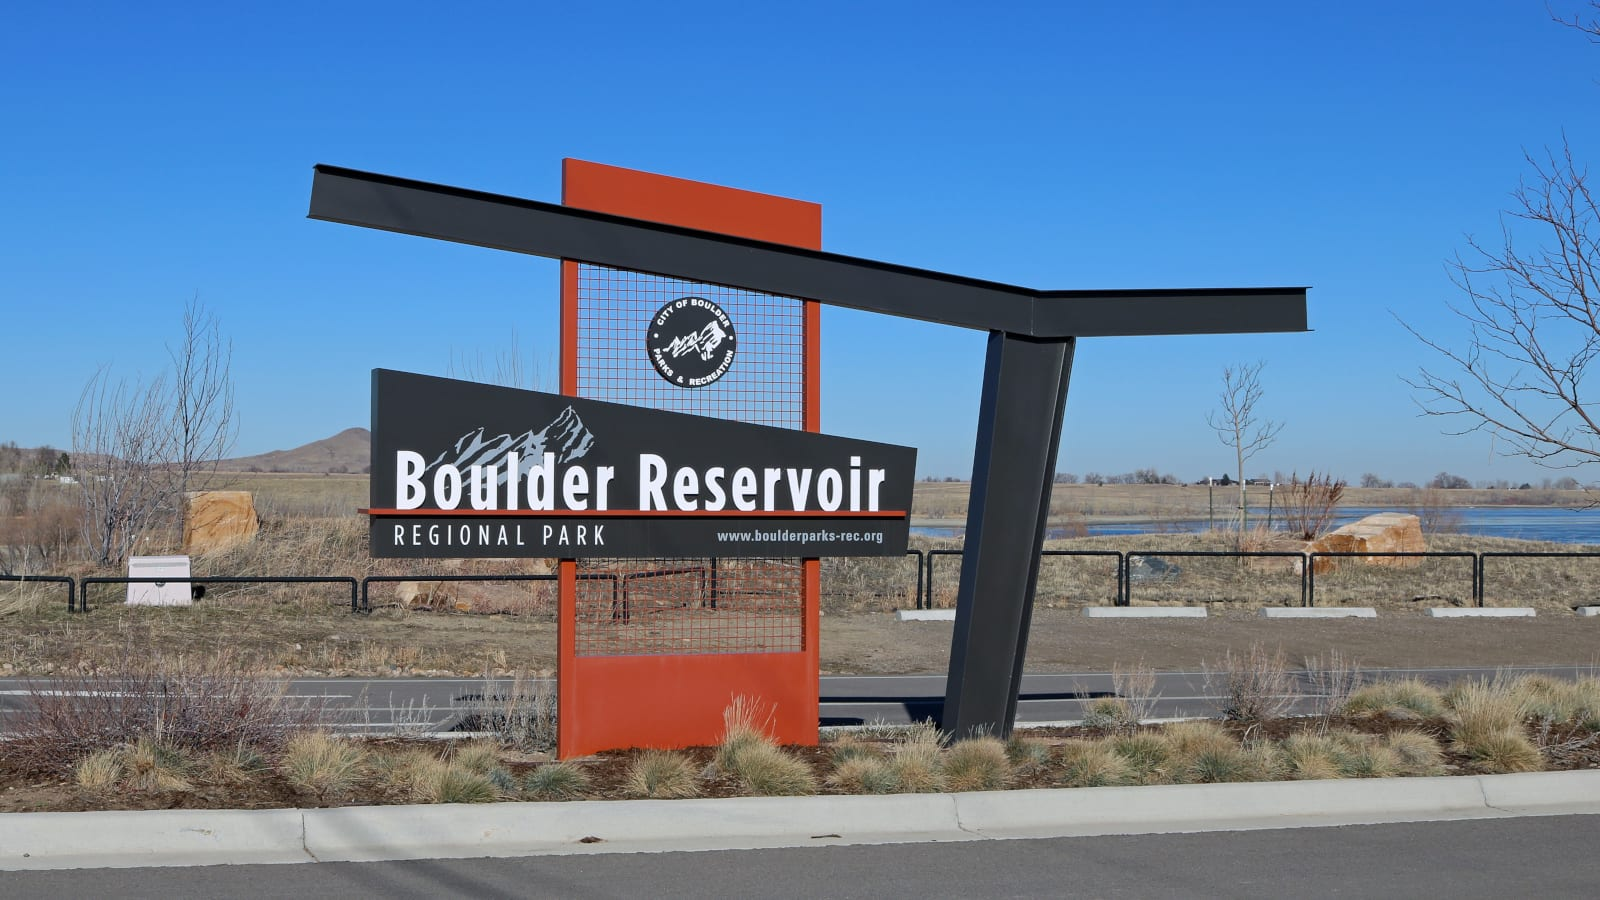 Boulder Reservoir Regional Park